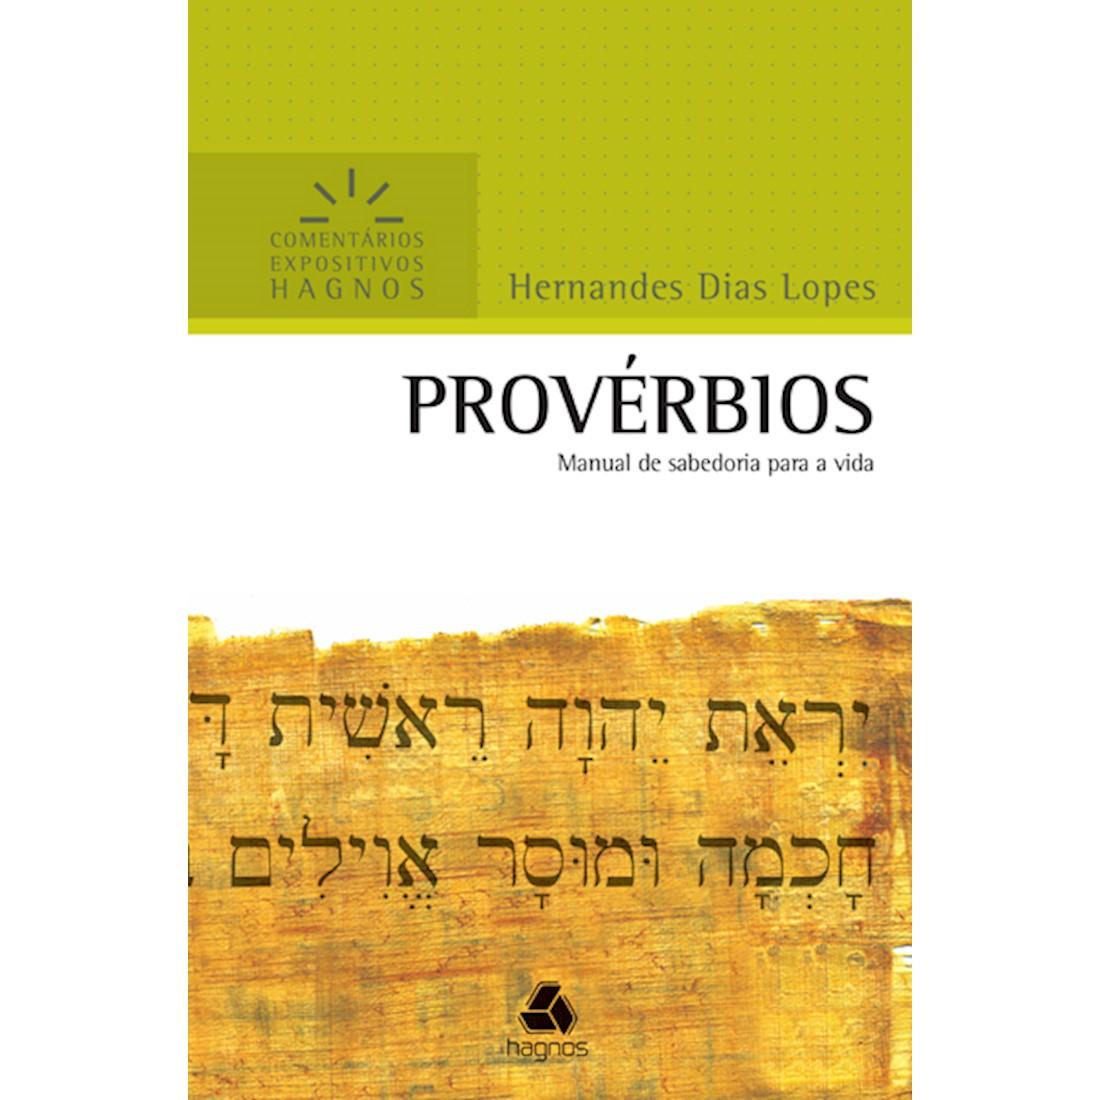 Livro Provérbios   Comentários Expositivos Hagnos